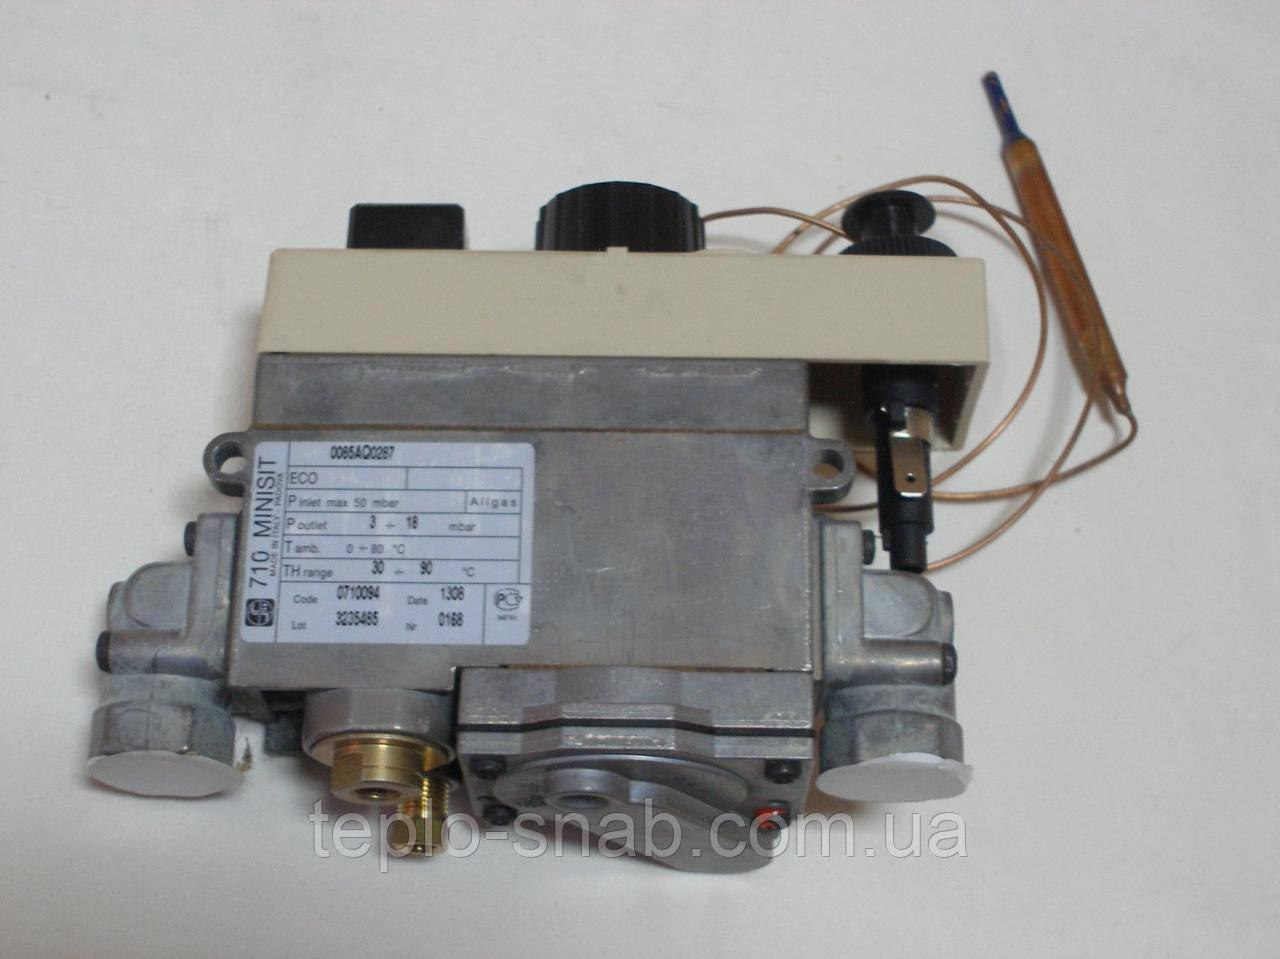 Газовый клапан 710 MINISIT энергонезависимый - . 0.710.094